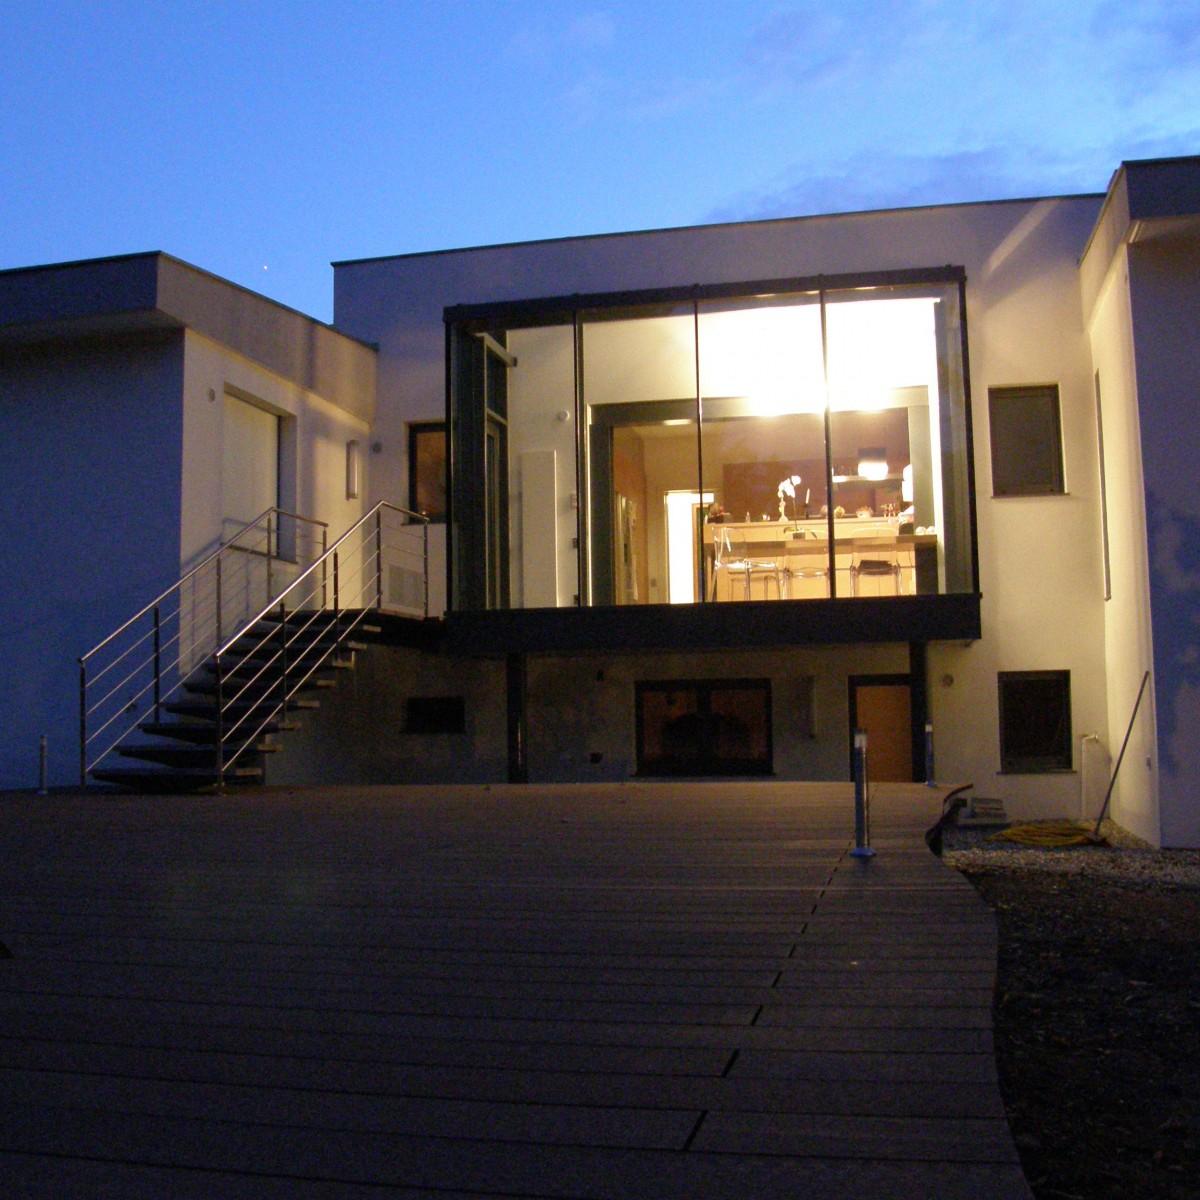 Restructuration et extension d une villa oberhausbergen for Extension maison 67